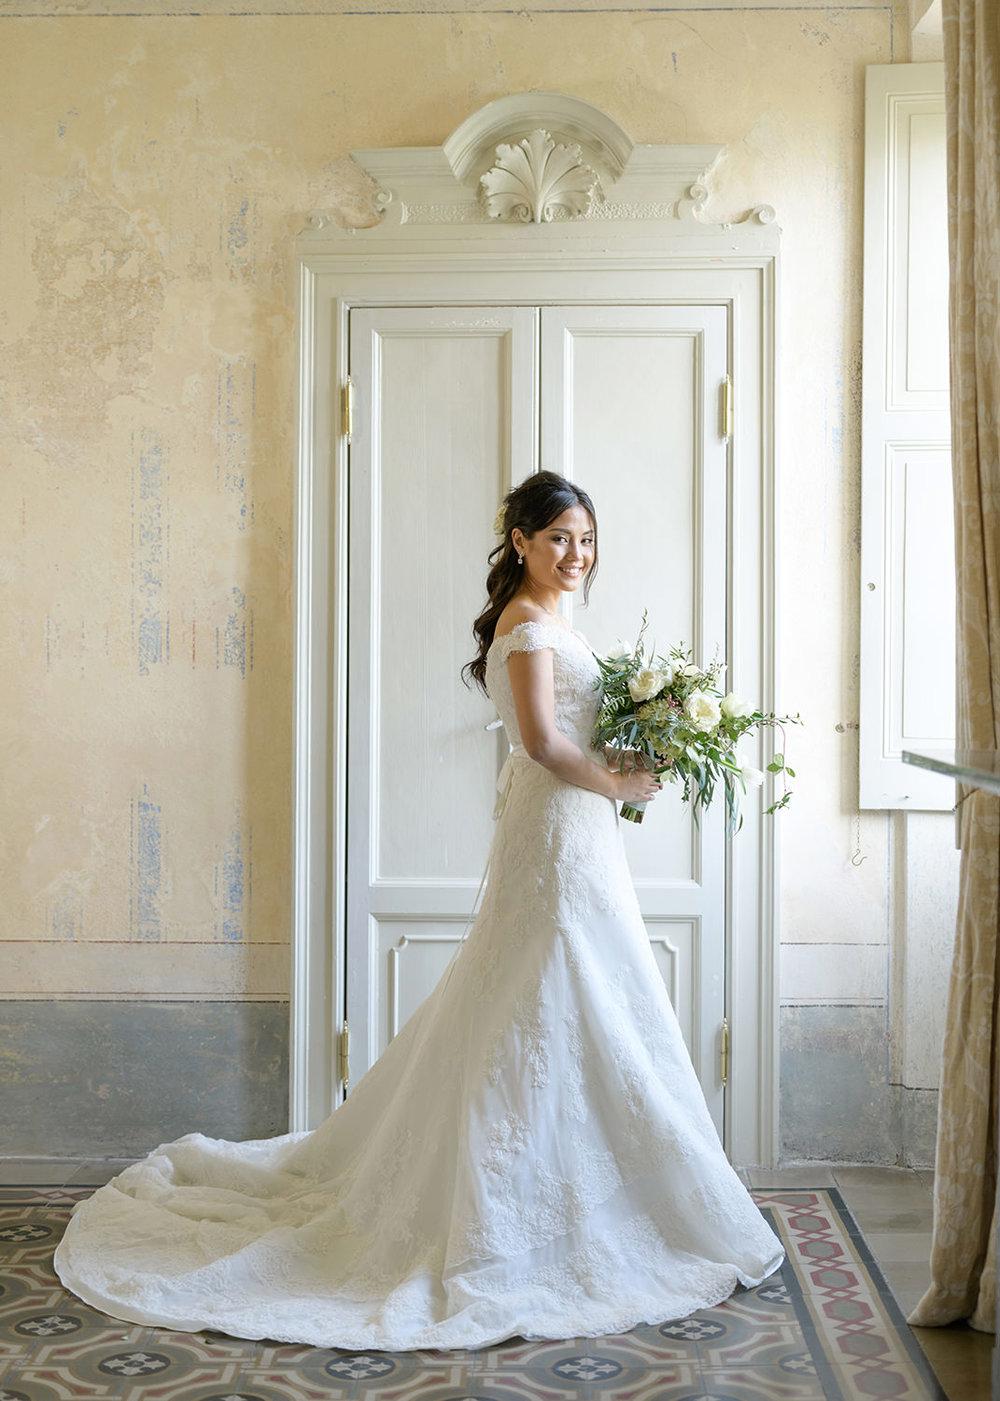 villa-regina-teodolinda-wedding-photographer-C&B-©bottega53-44.JPG